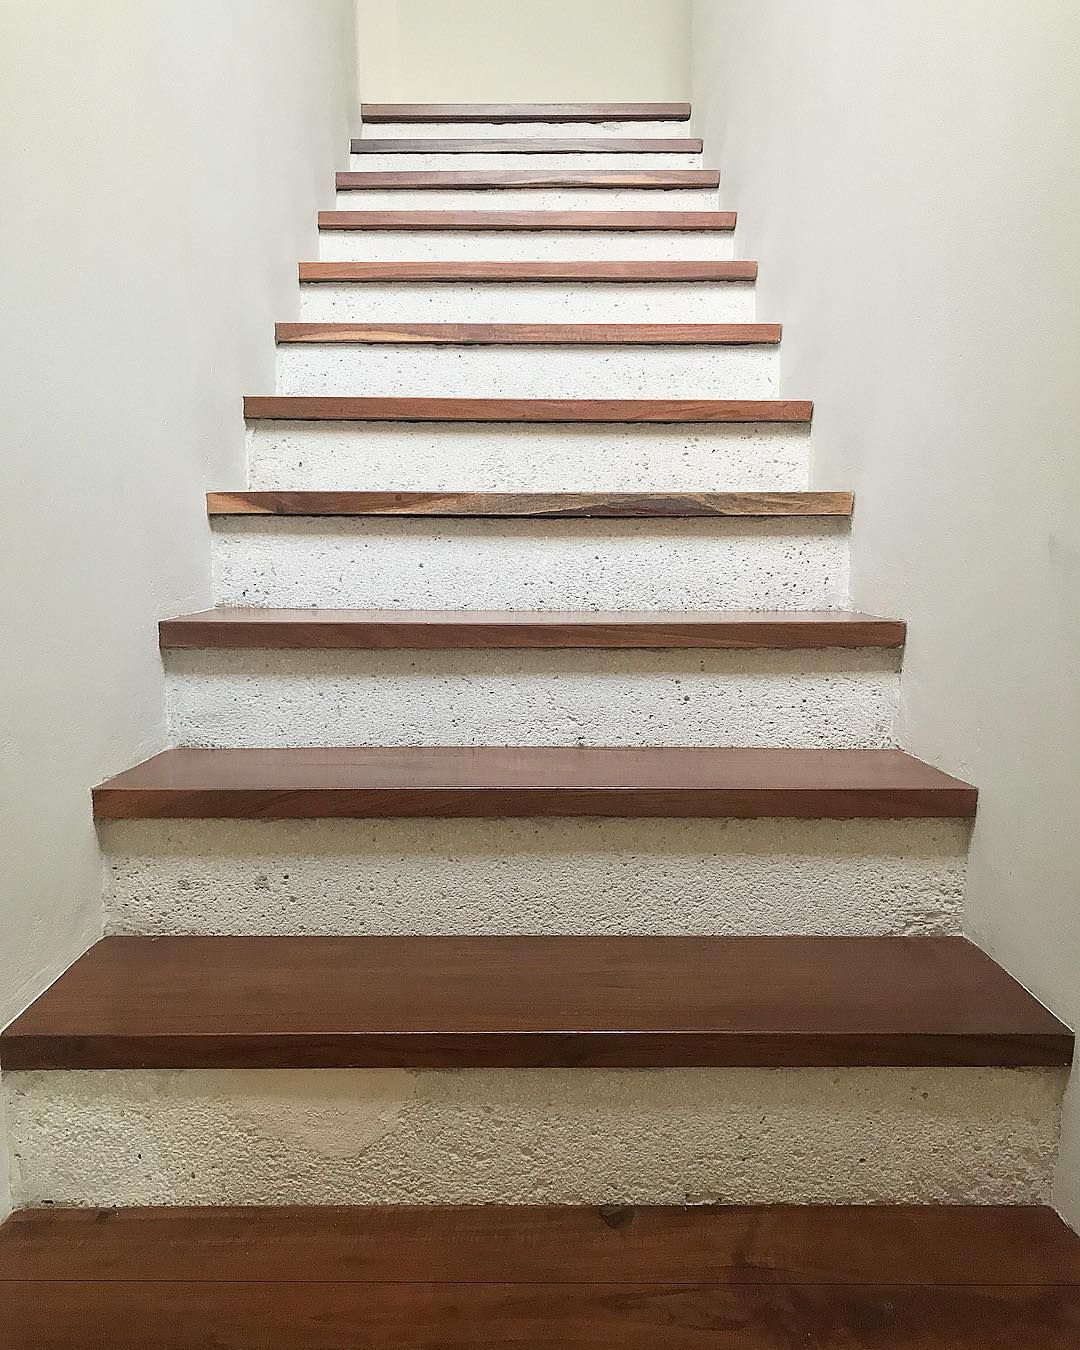 Escalera de concreto martelinado con huellas de madera de - Escalera madera ...